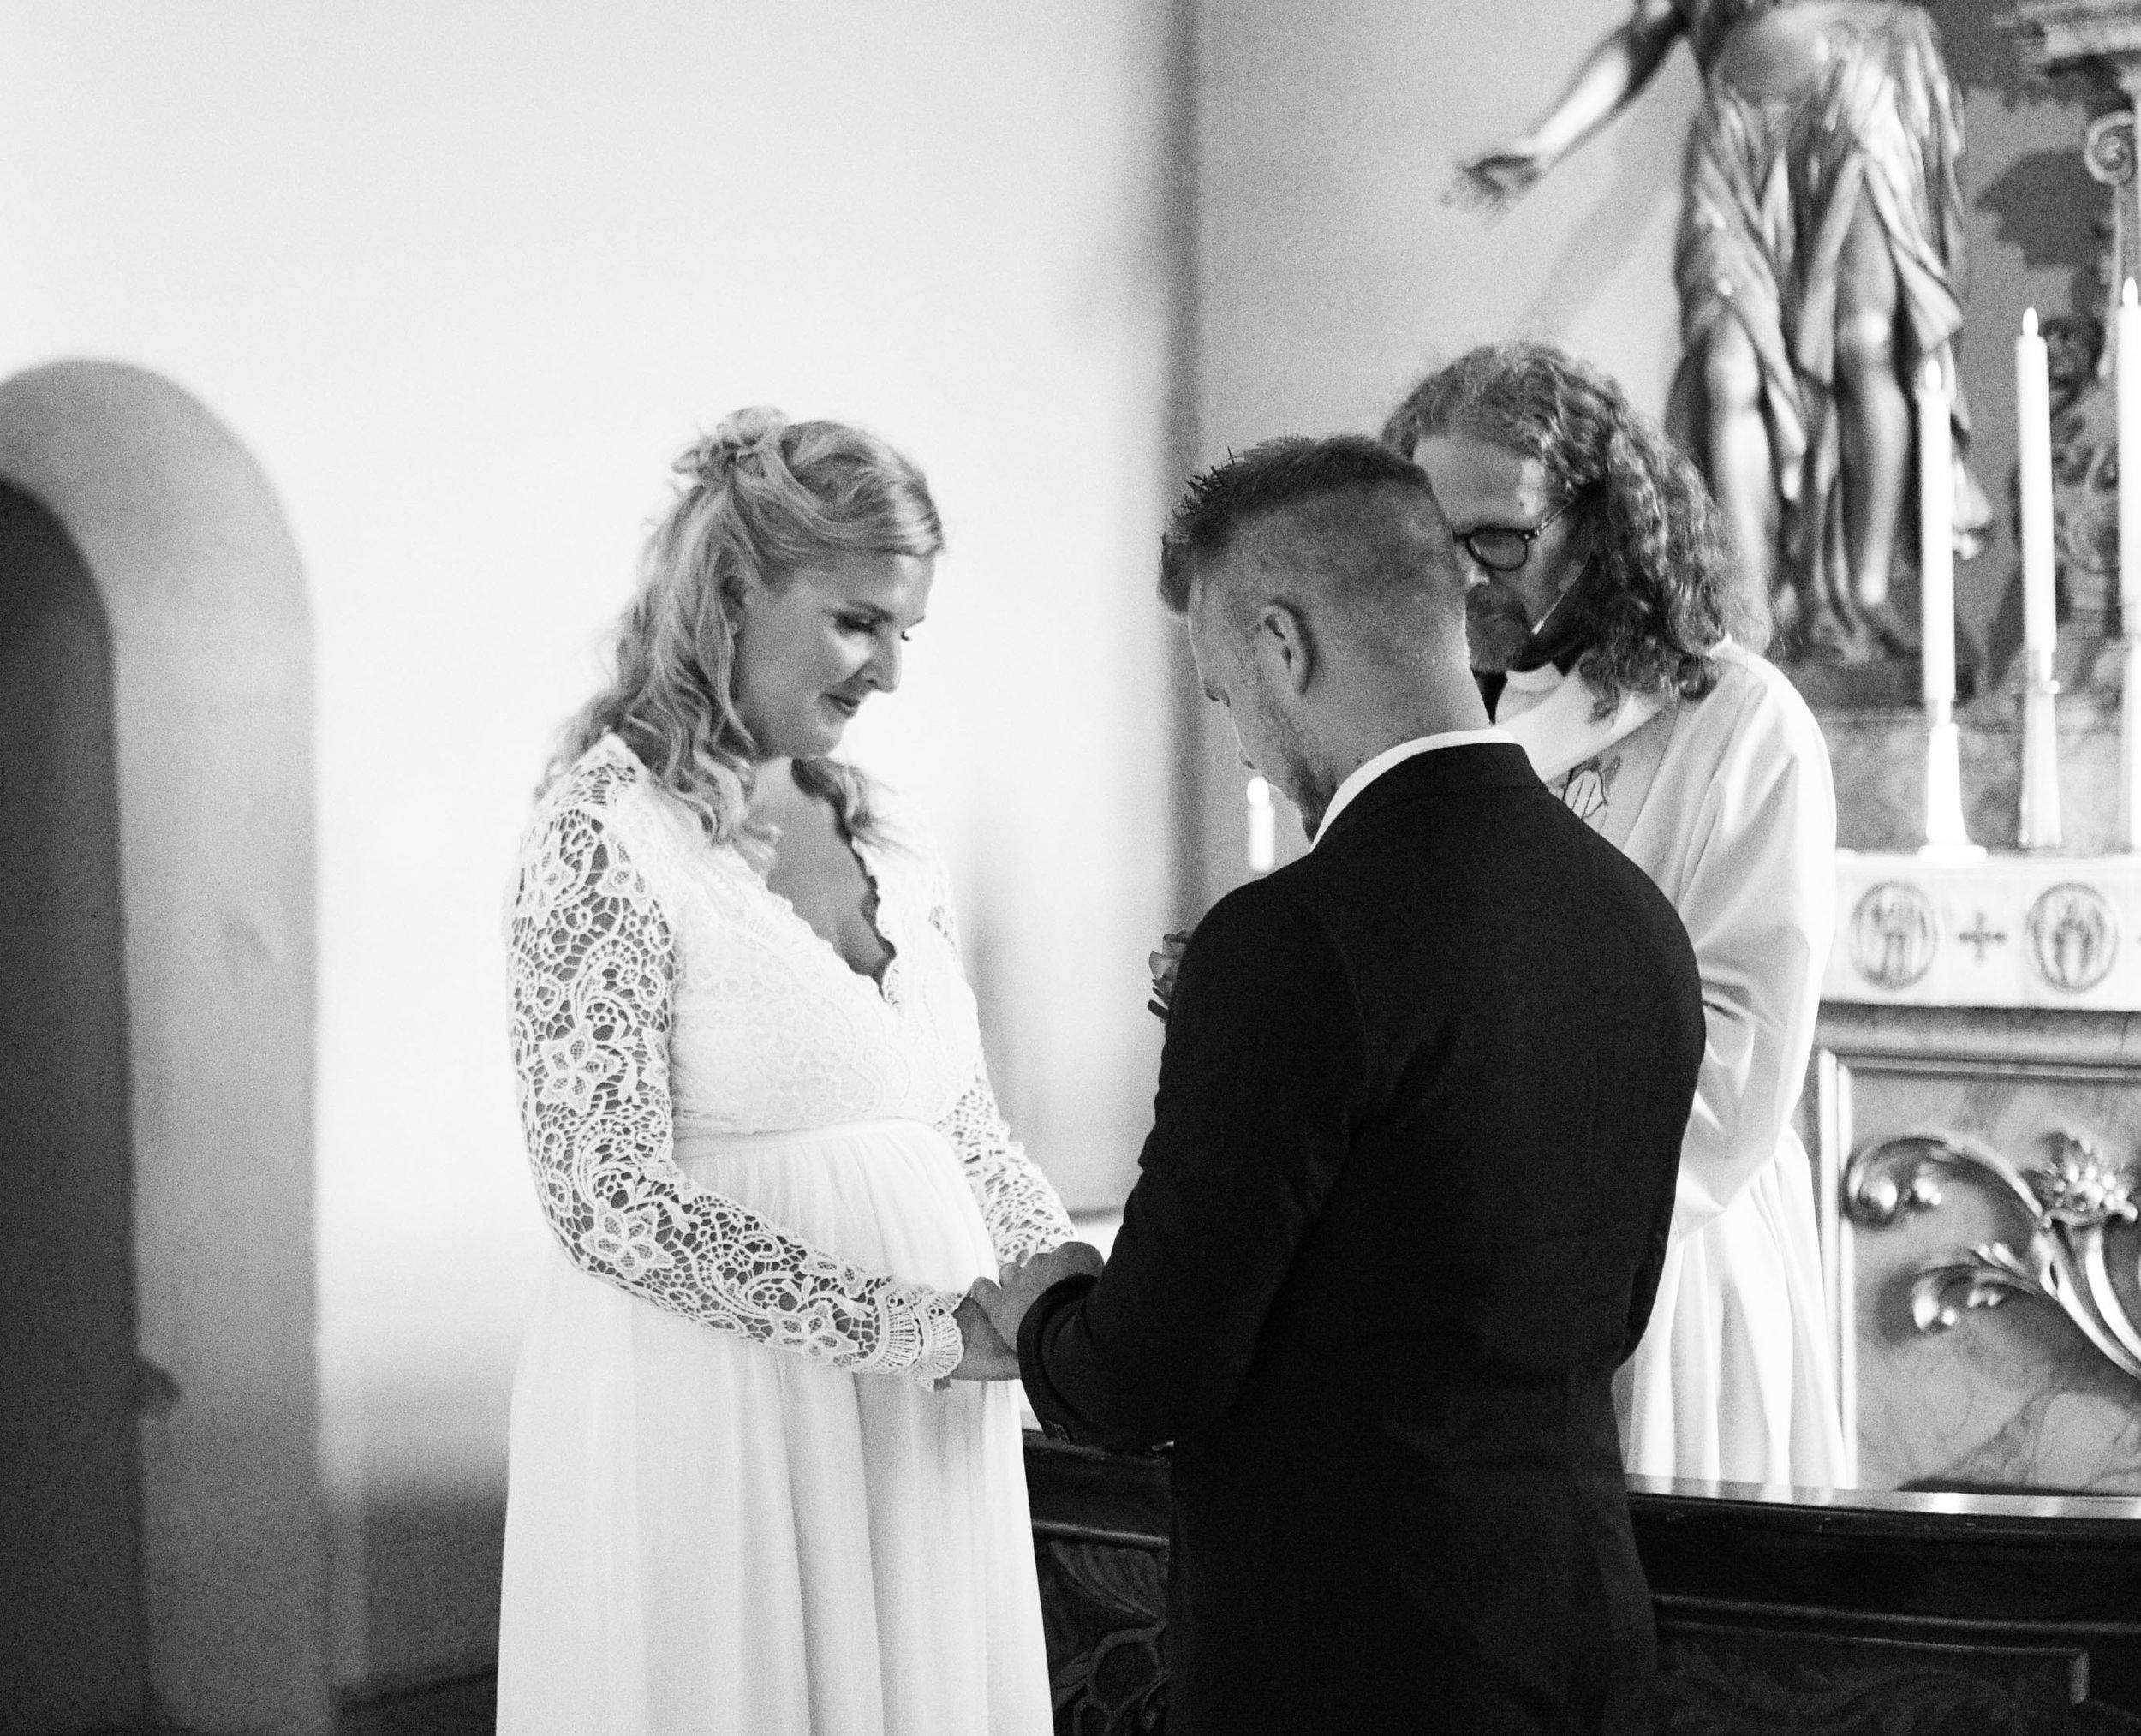 Bröllop2019_Bästa_Bilderna-5491 besk.jpg